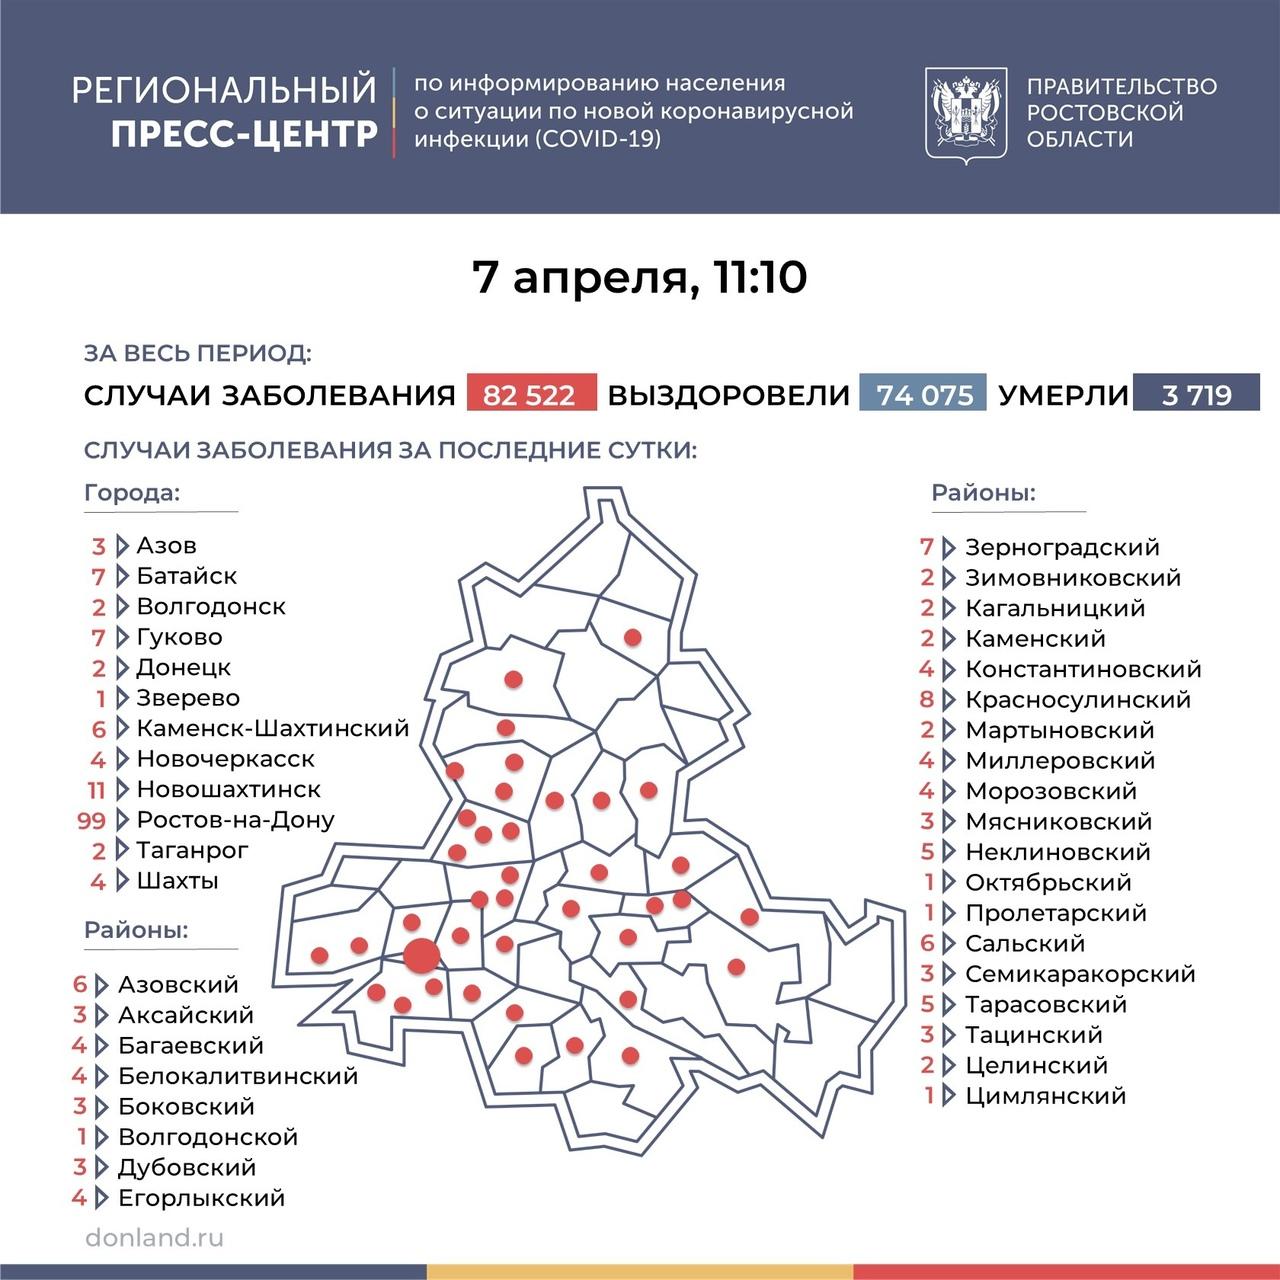 На Дону число инфицированных COVID-19 составляет 241, в Таганроге 2 новых случаев